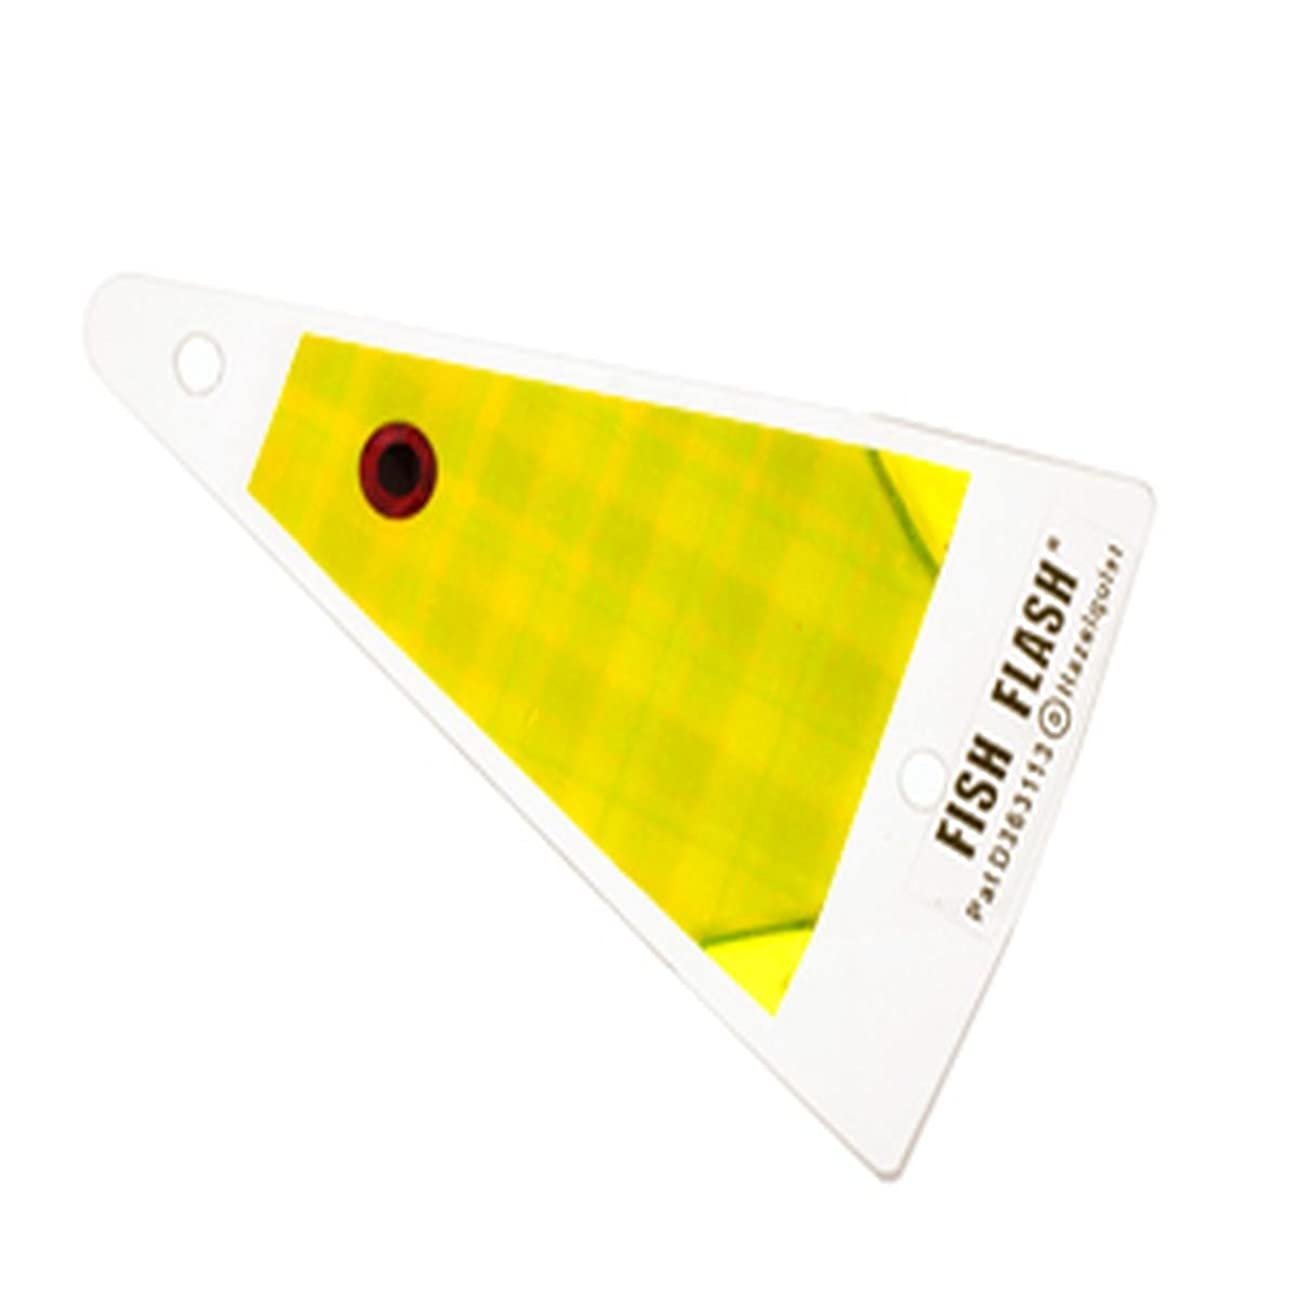 染色発見フェード魚フラッシュLazr Chrtrsメッド8インチ